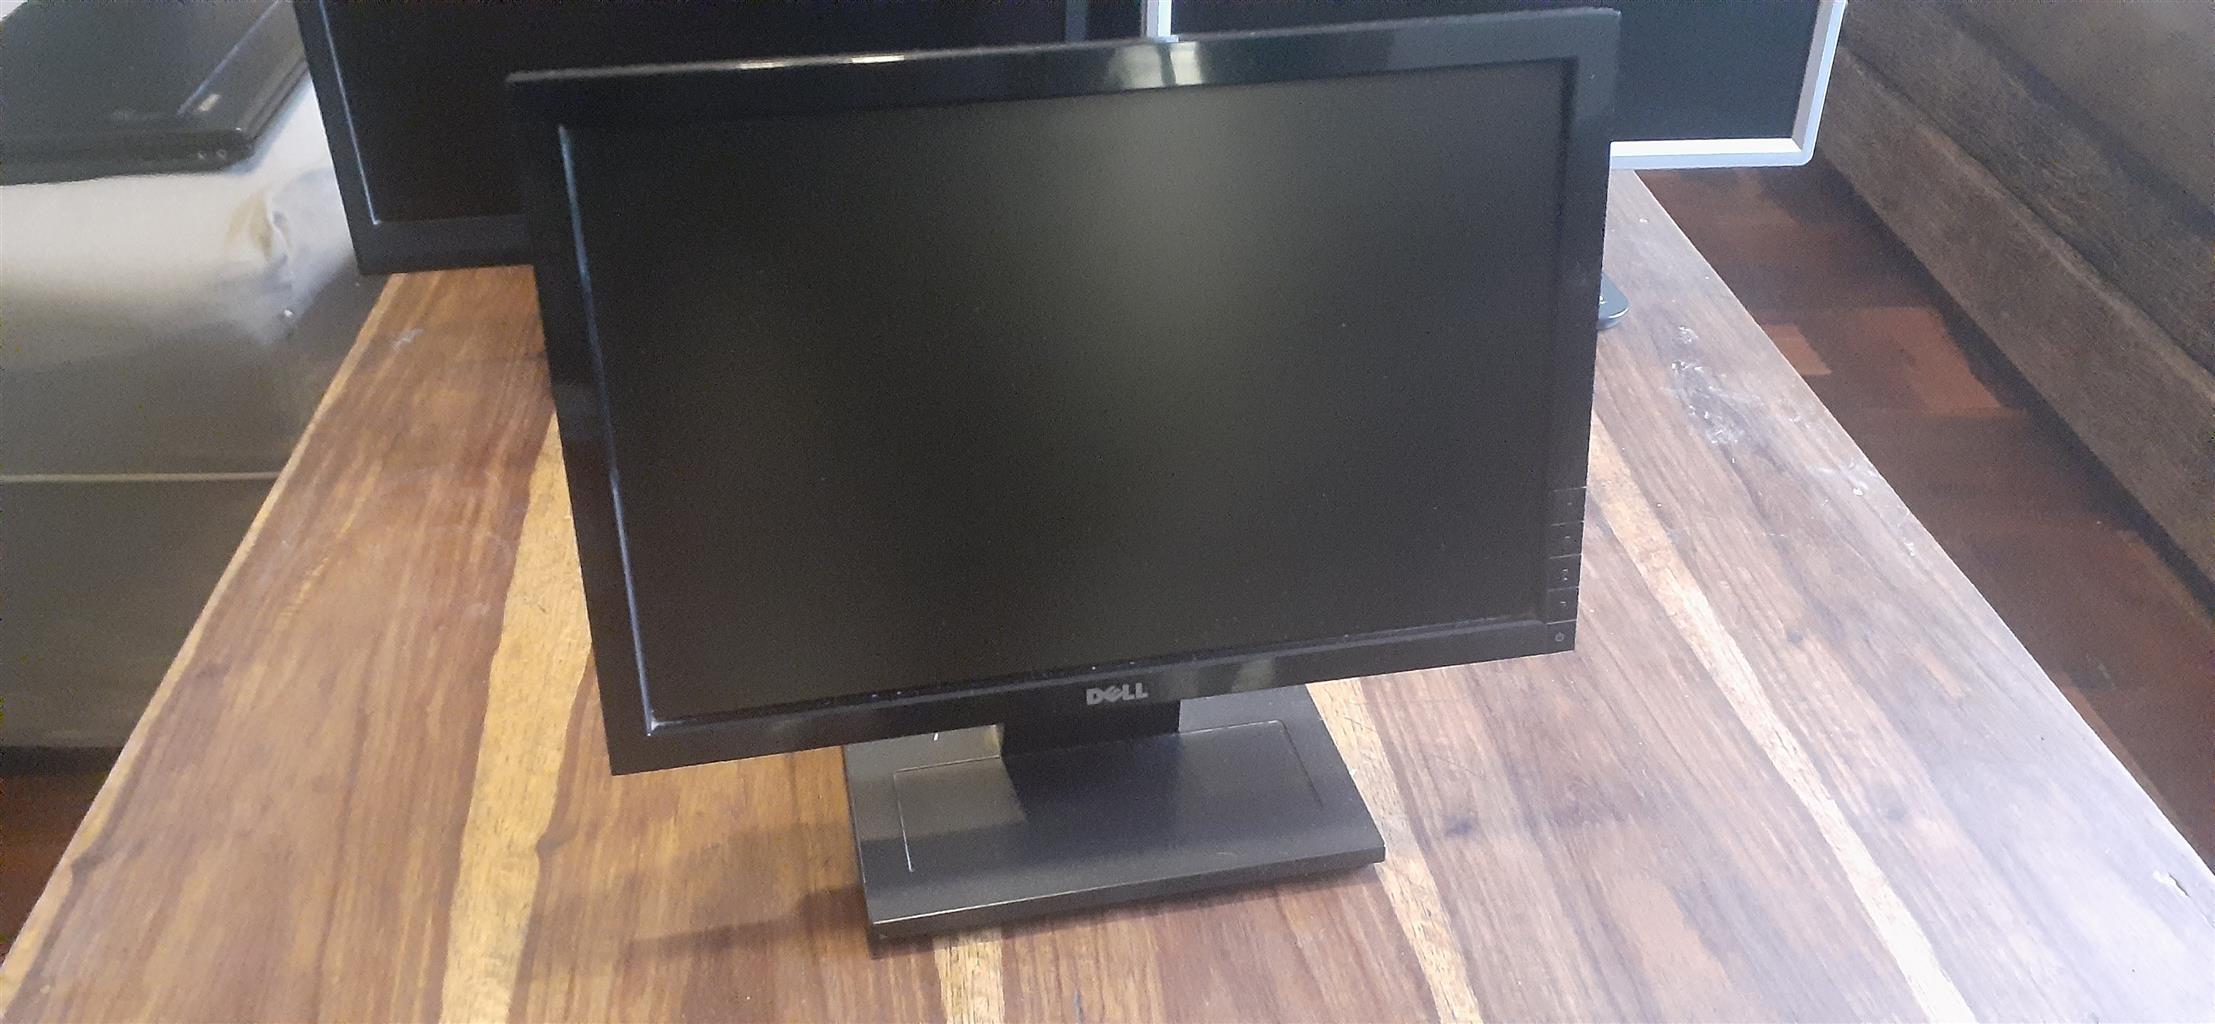 Lcd monitor monitor - various